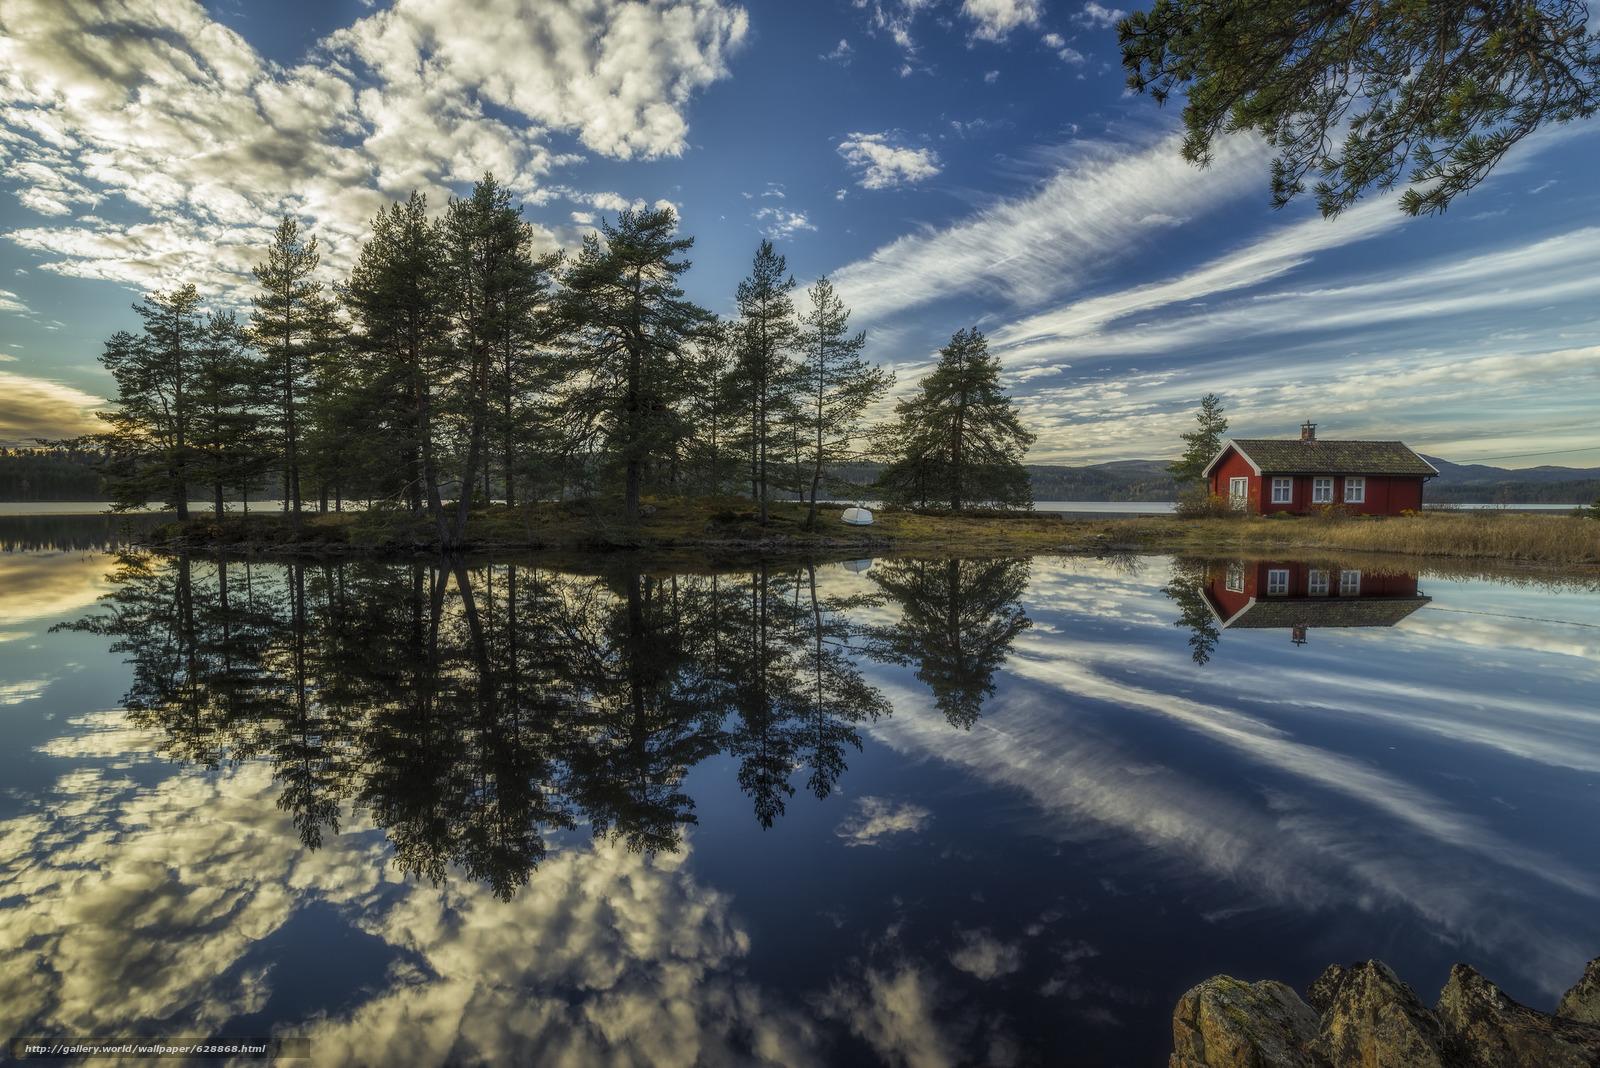 Ringerike, Norway, Рингерике, Норвегия, озеро, отражение, дом, облака, деревья